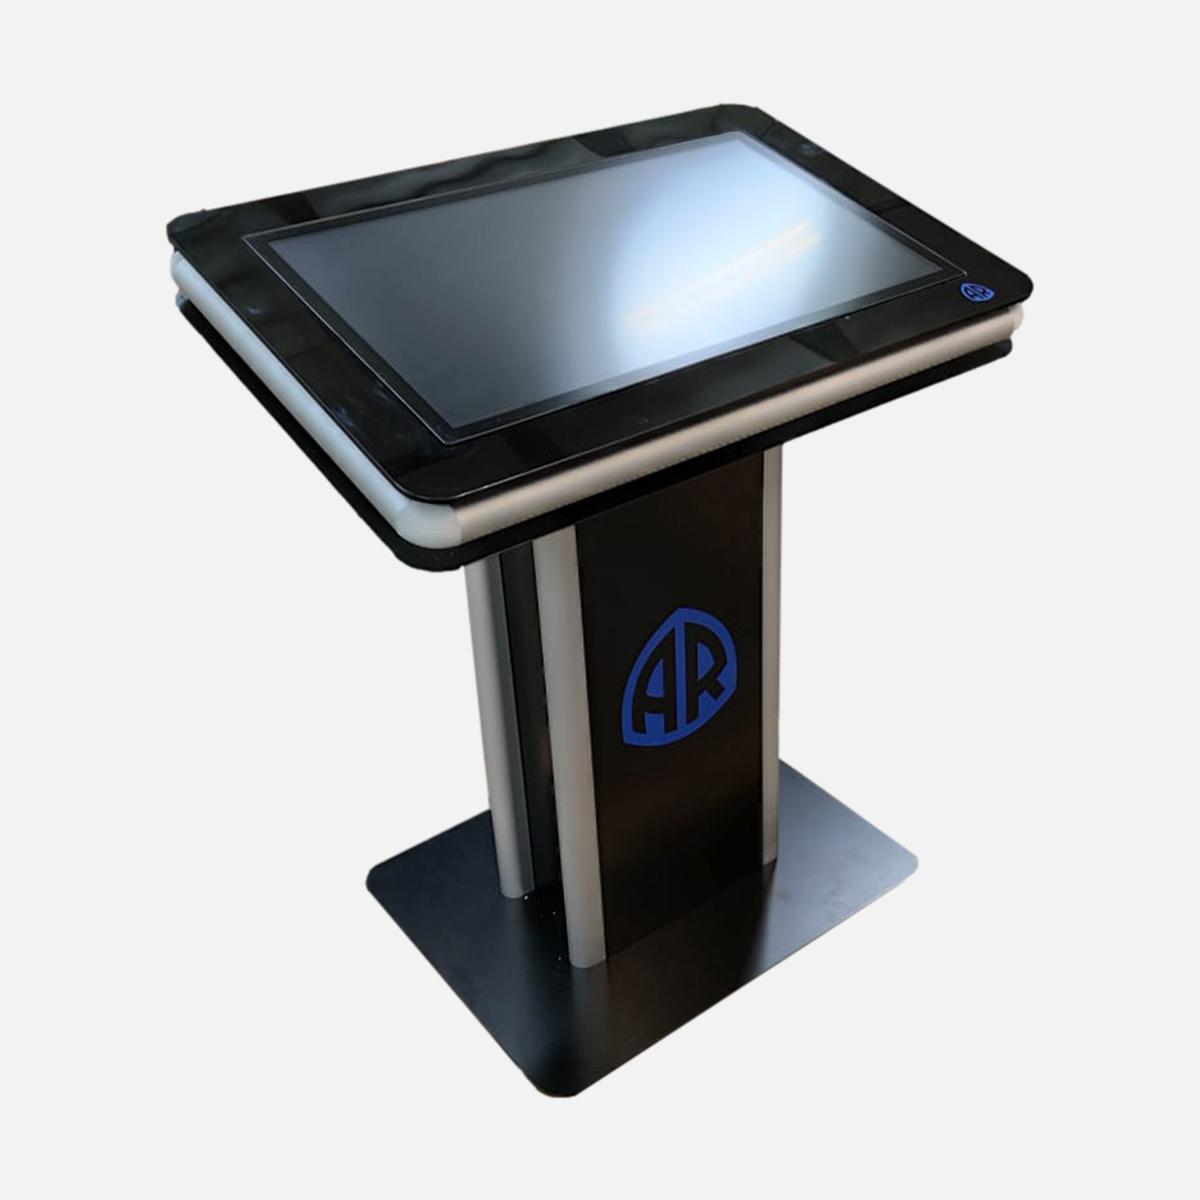 Smartkiosk Italy - Planair Table AR